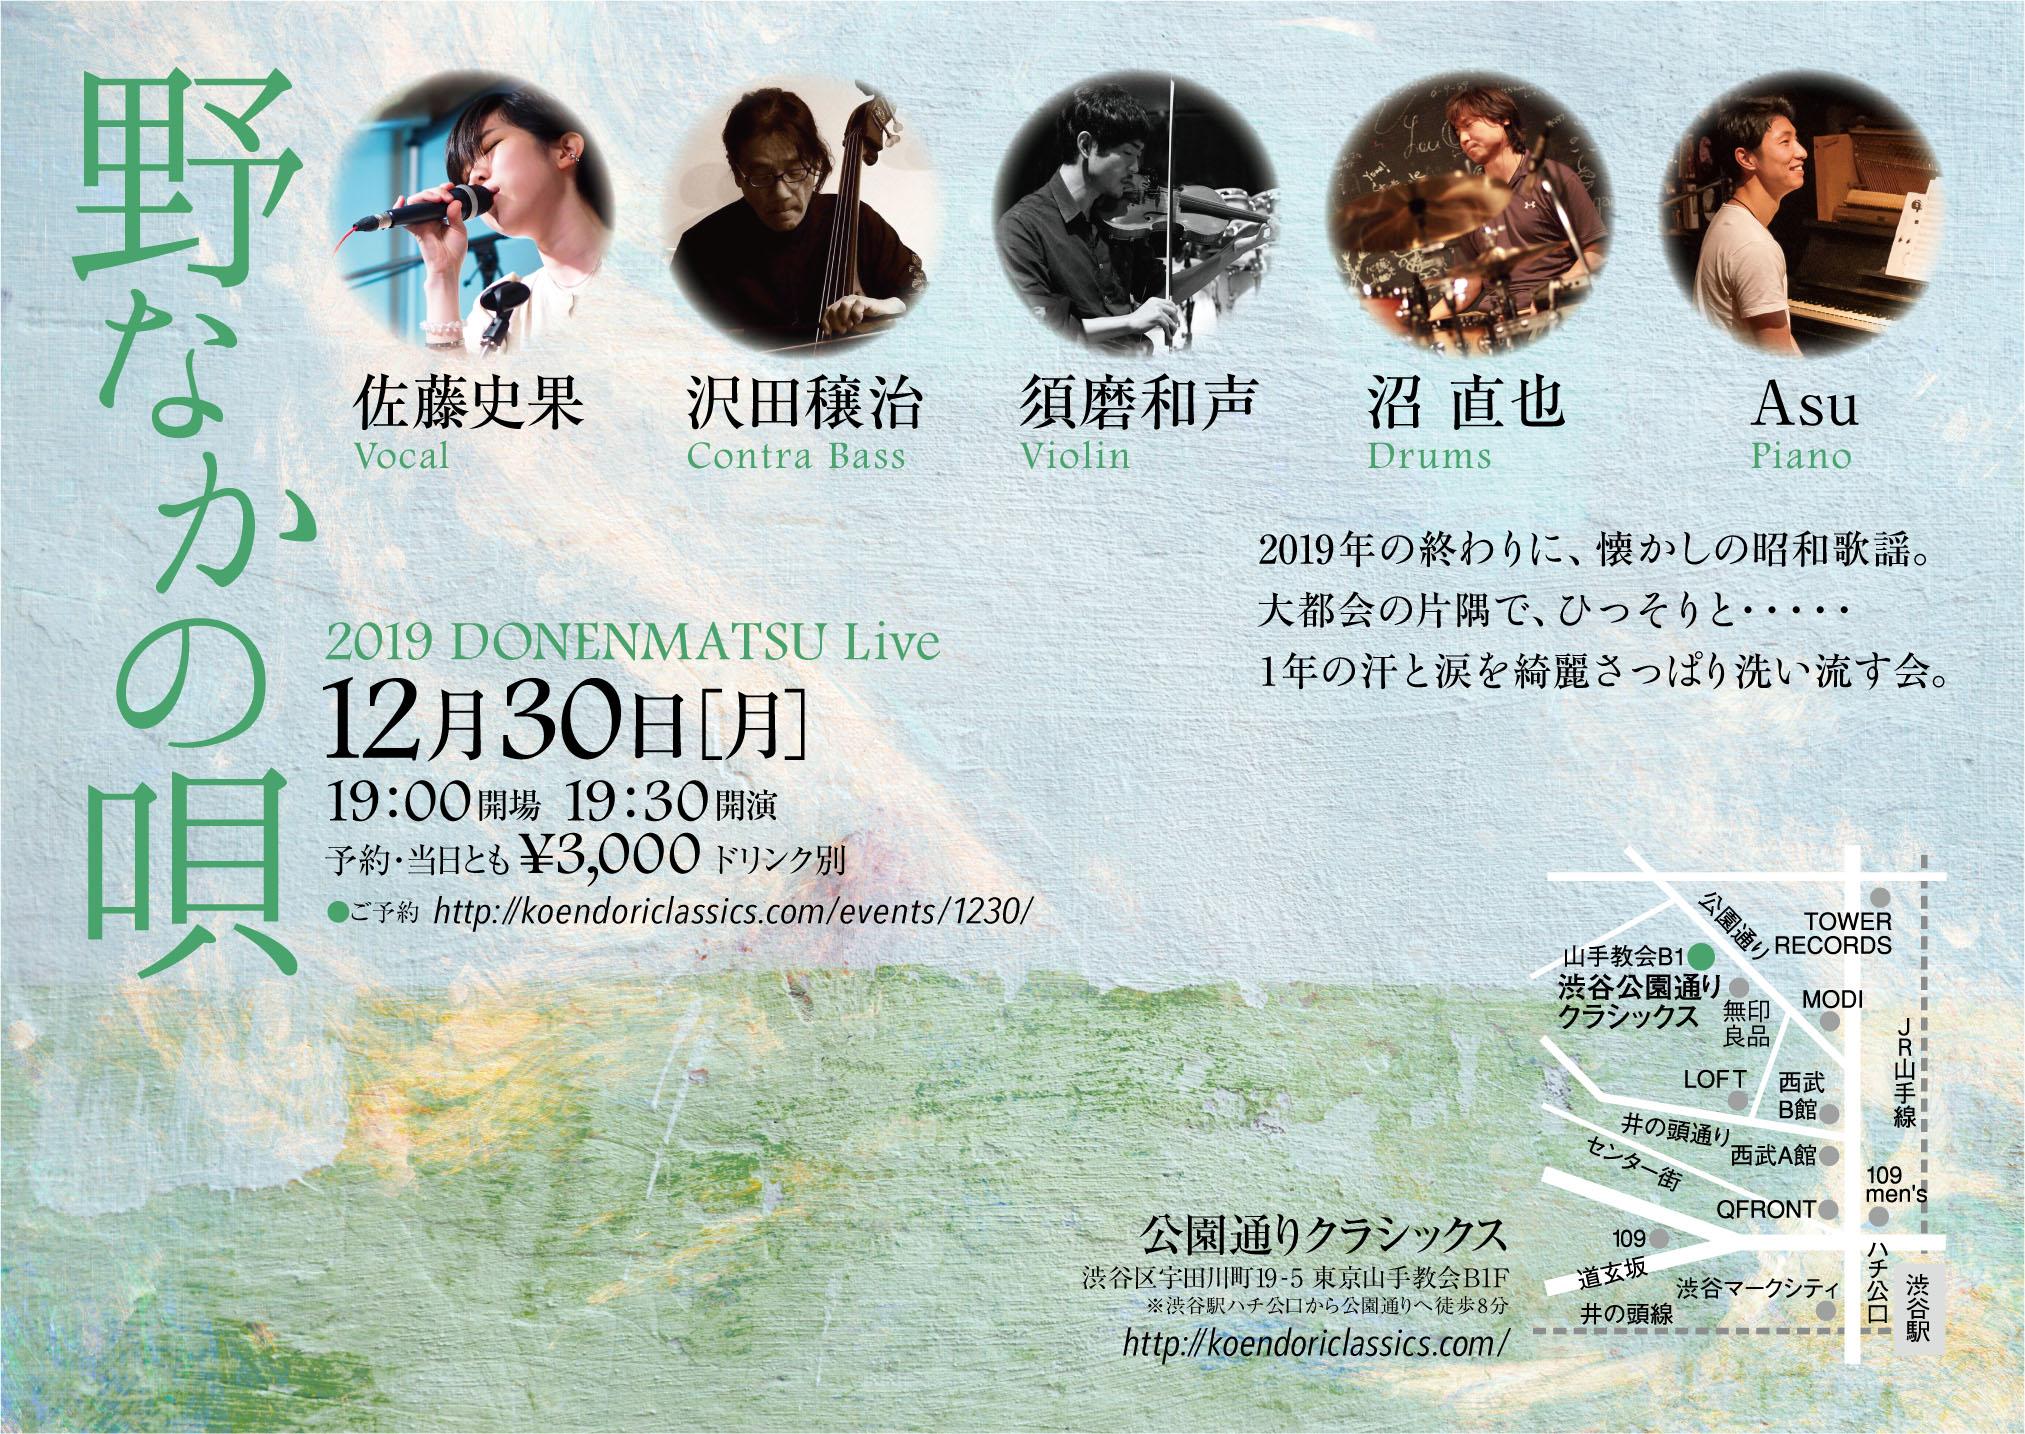 「野なかの唄」佐藤史果、ASU、沢田穣治、須磨和声、沼直也